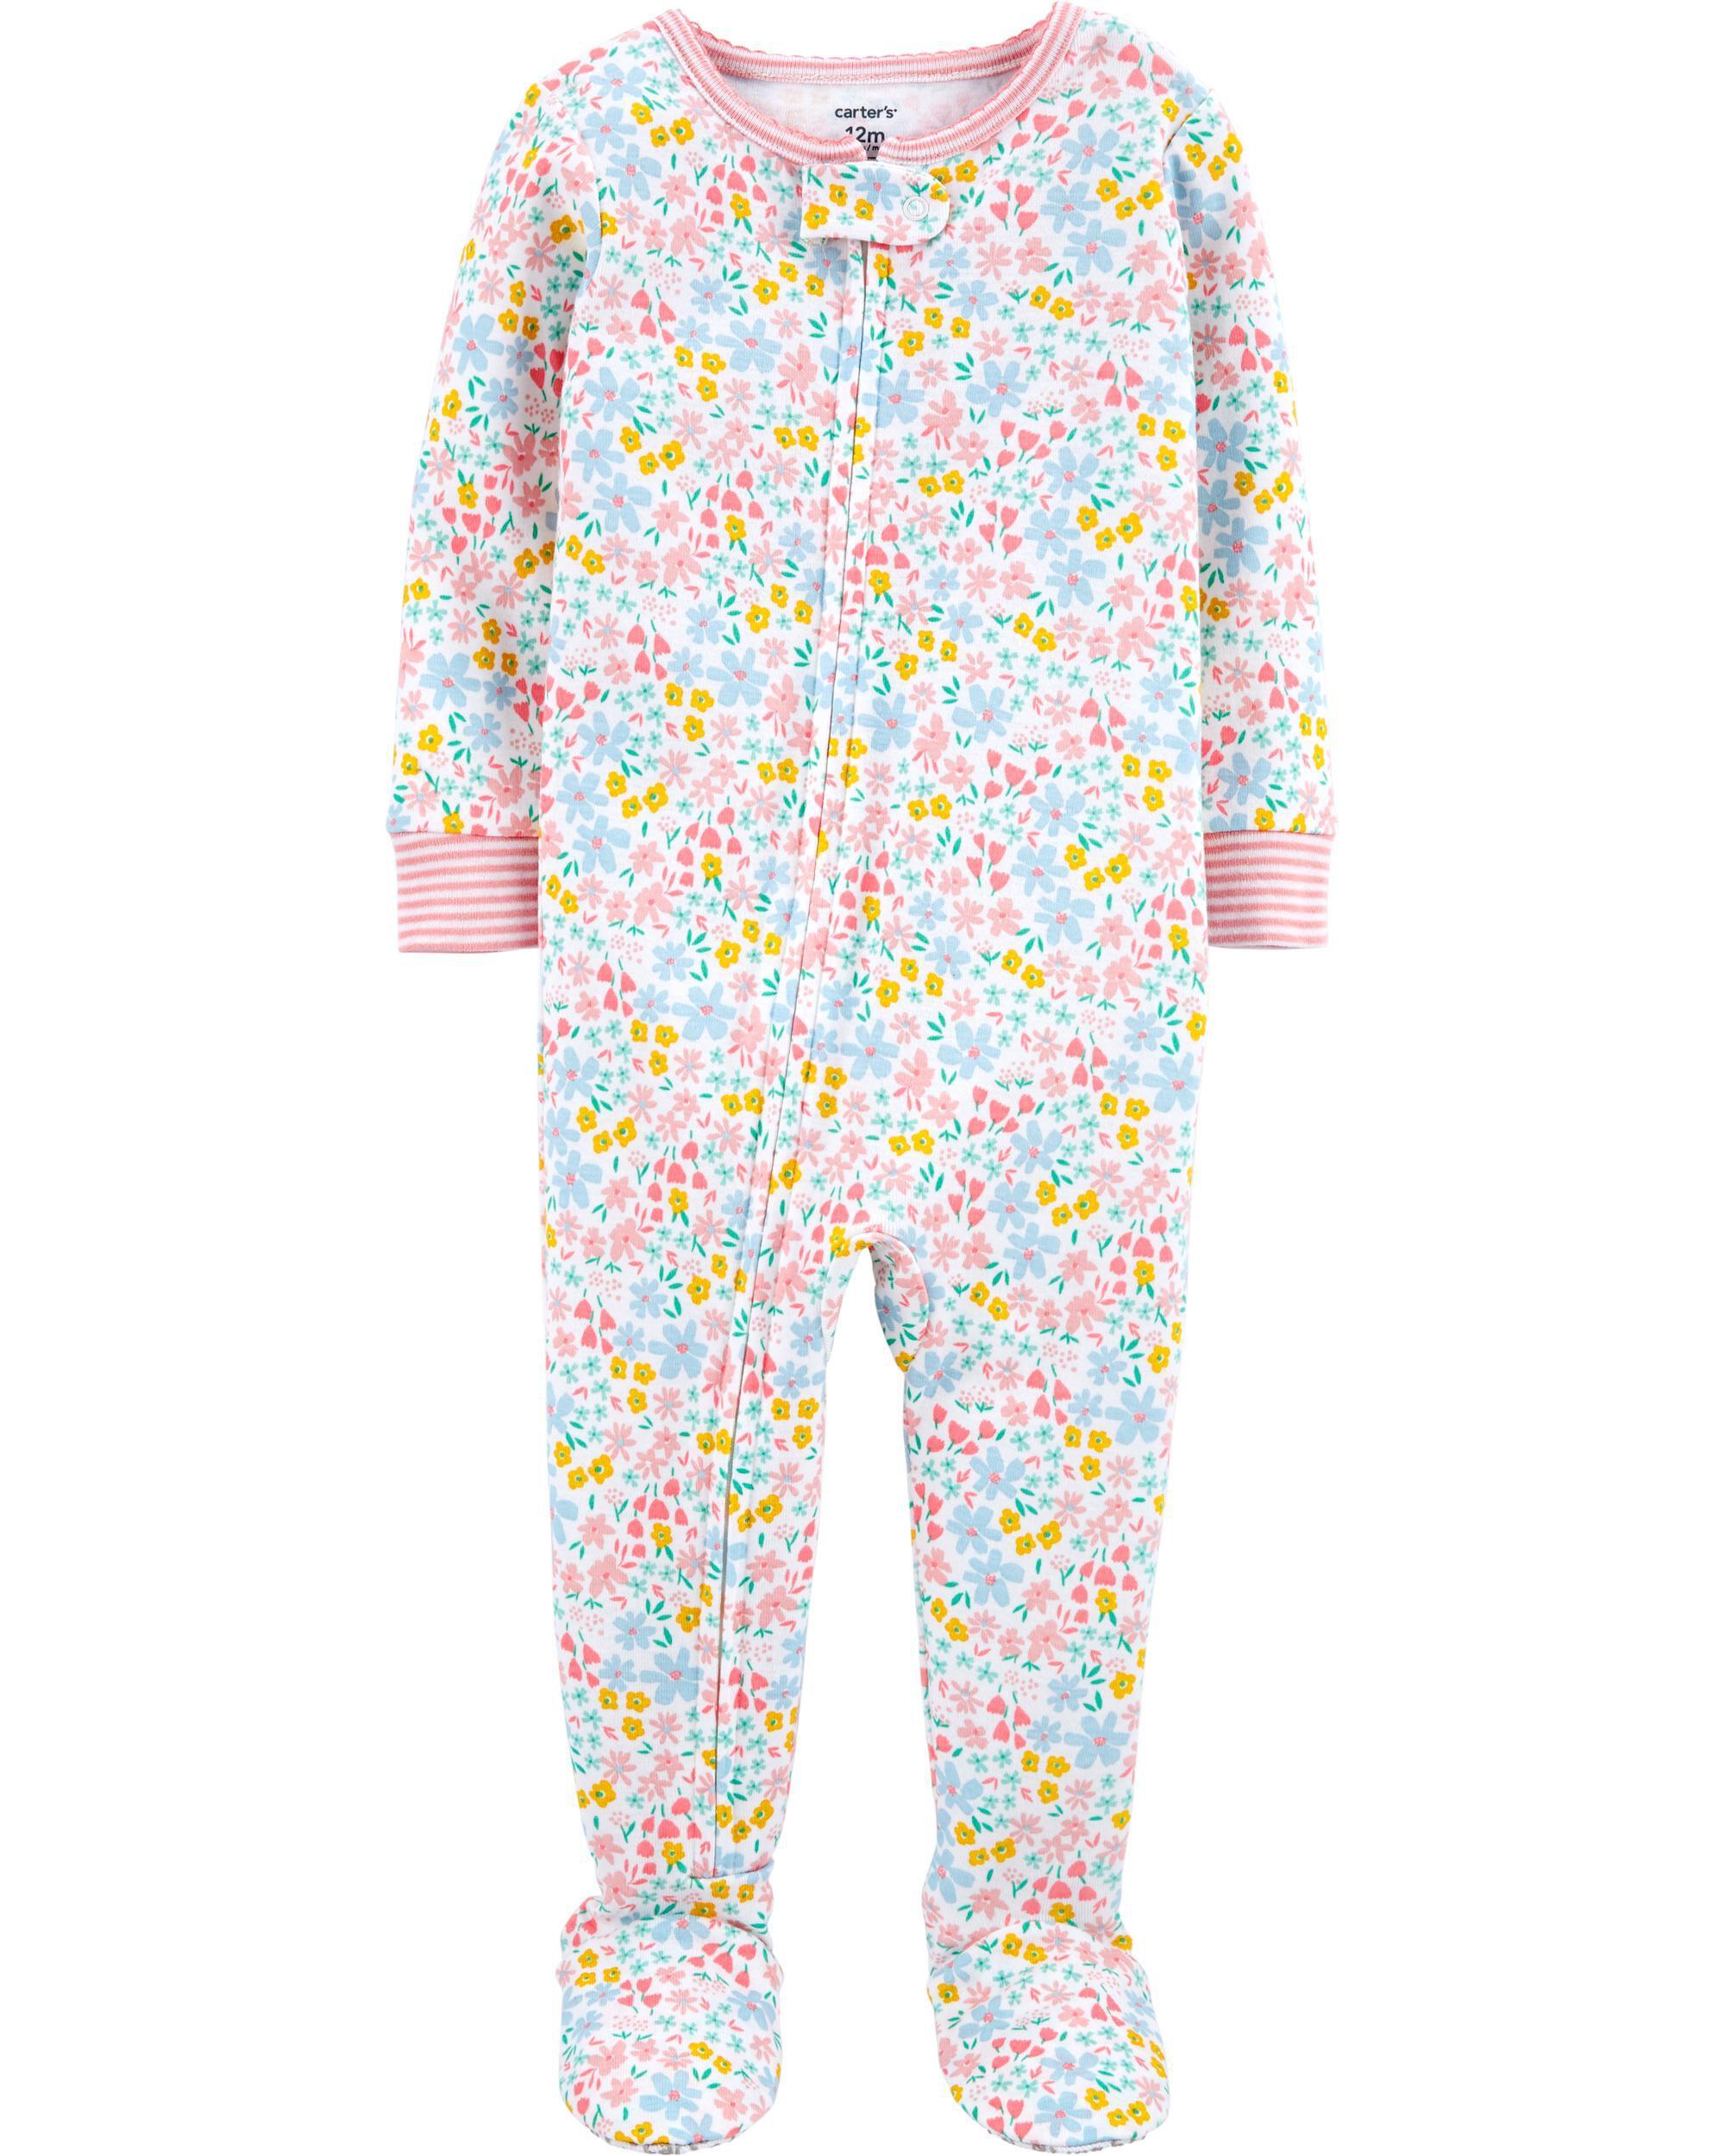 *DOORBUSTER*1-Piece 100% Snug Fit Cotton Footie PJs